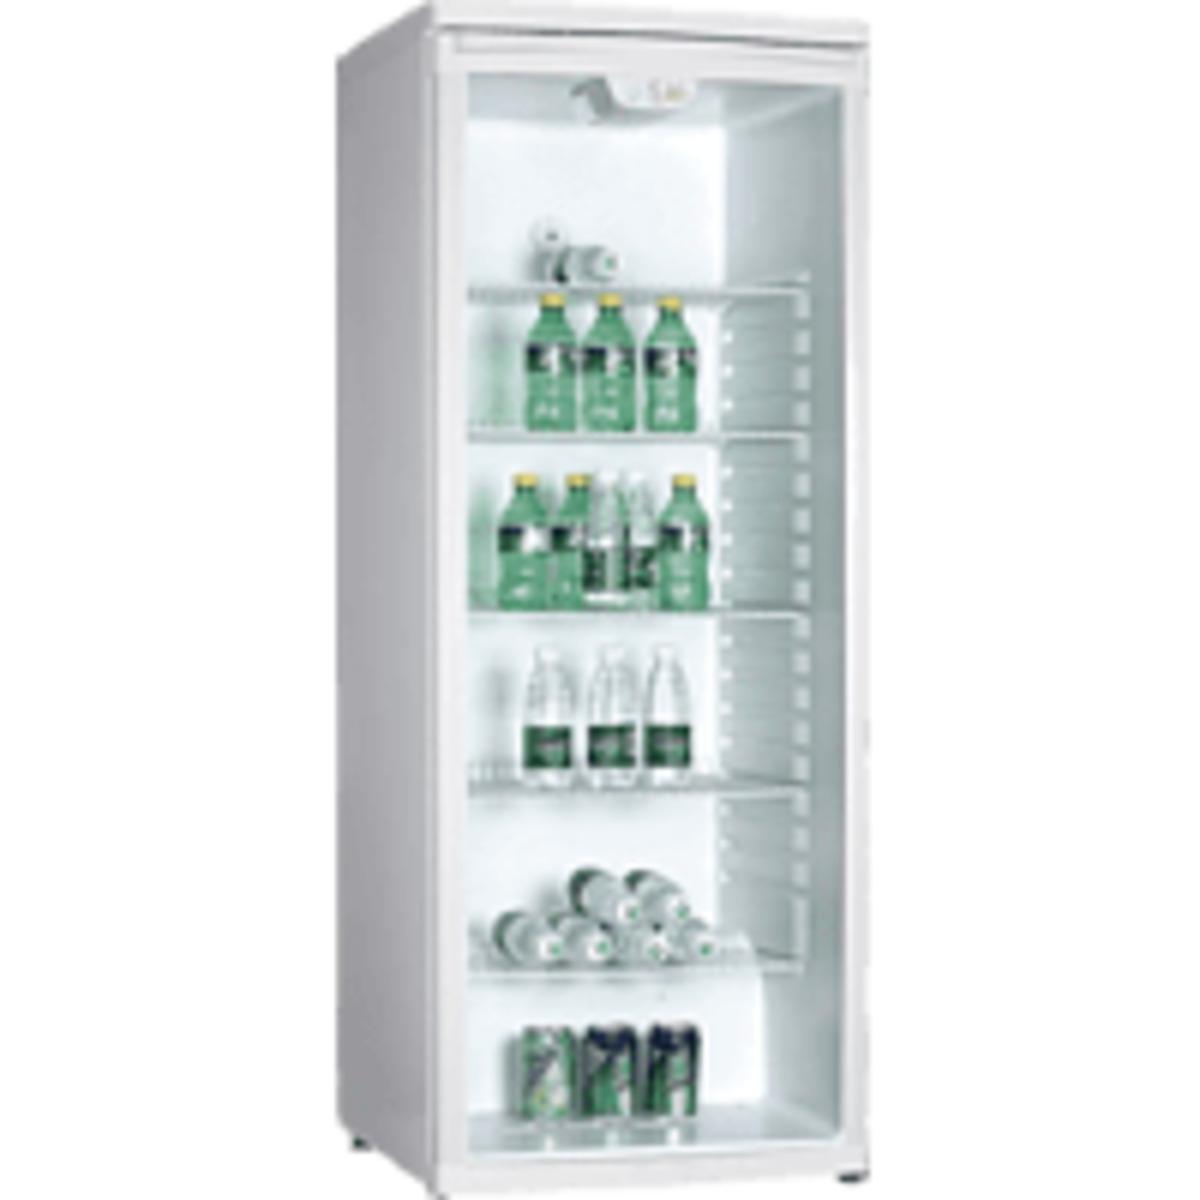 Bild 1 von PKM GKS 255 Gewerbekühlschrank (208,05 kWh/Jahr, B, 1440 mm hoch, Weiß)